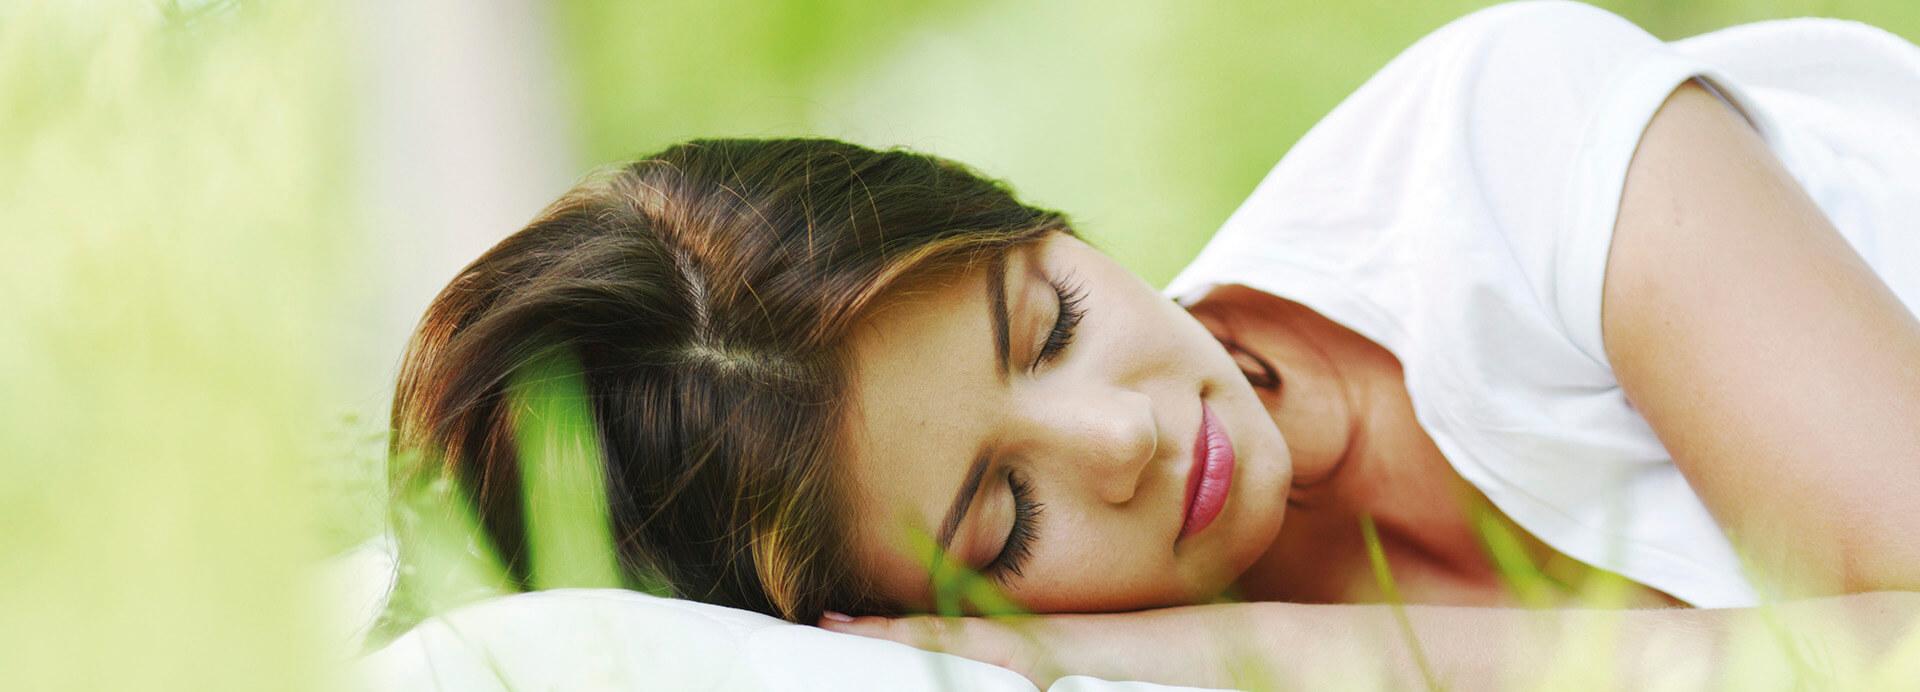 Zu Wenig Sauerstoff Im Schlafzimmer | Naturlich Und Gesund Schlafen Dos Und Don Ts Im Schlafzimmer